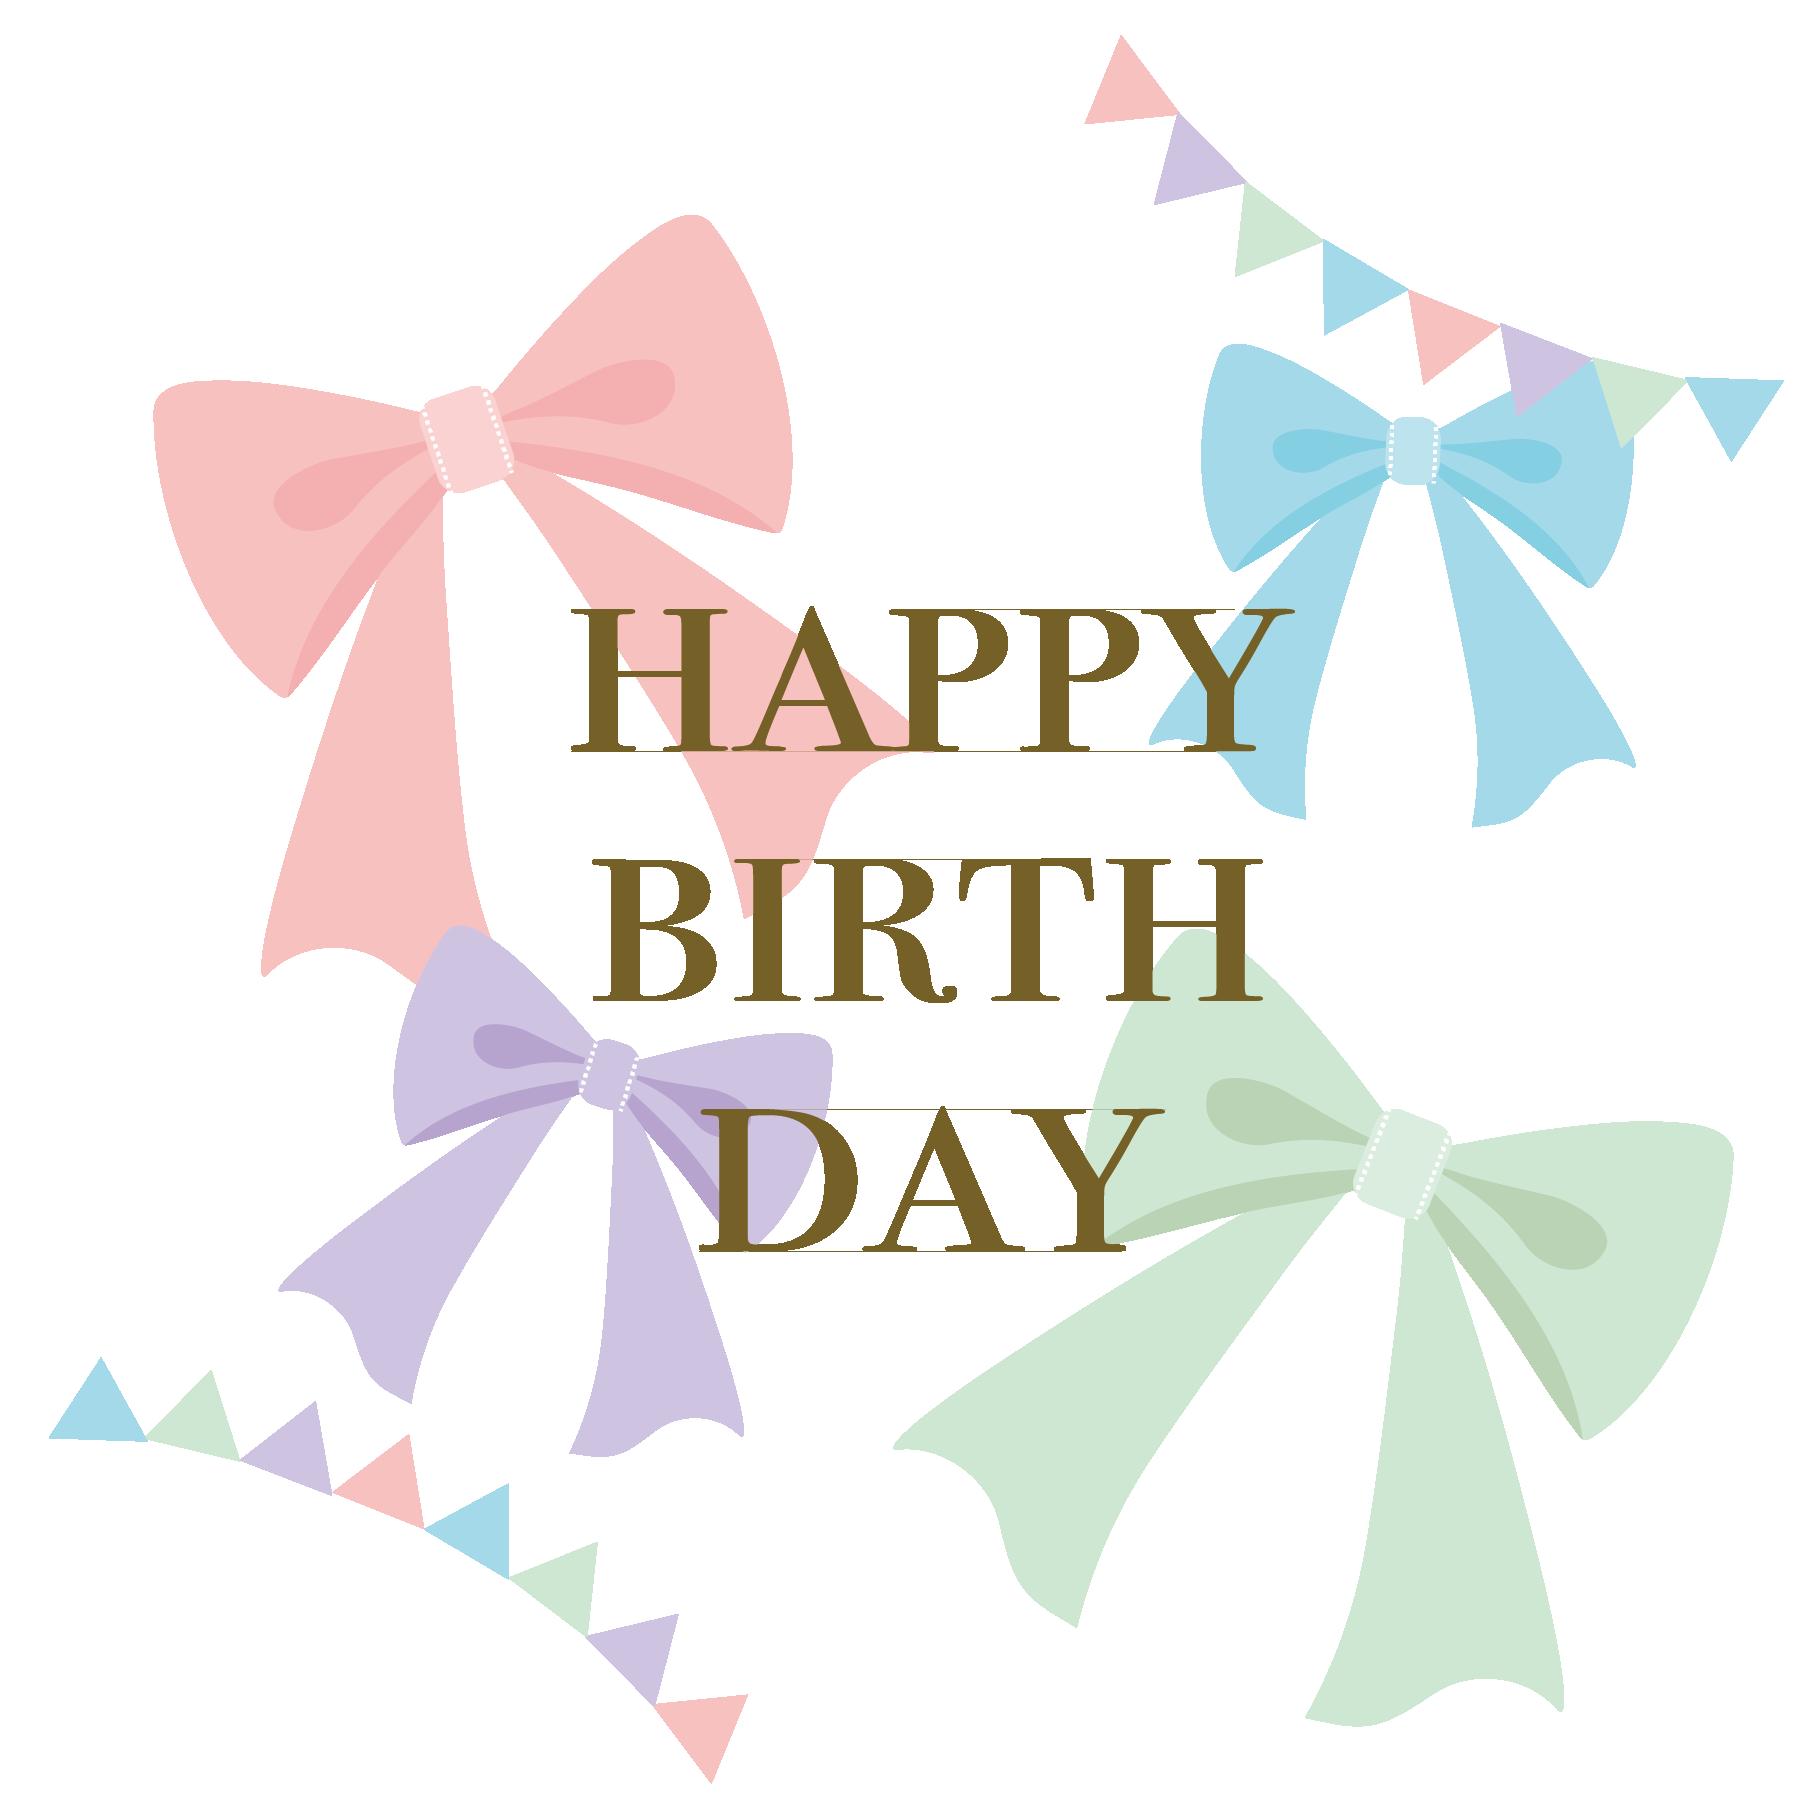 happy birth dayロゴとリボン イラスト【誕生日】 | 商用フリー(無料)の